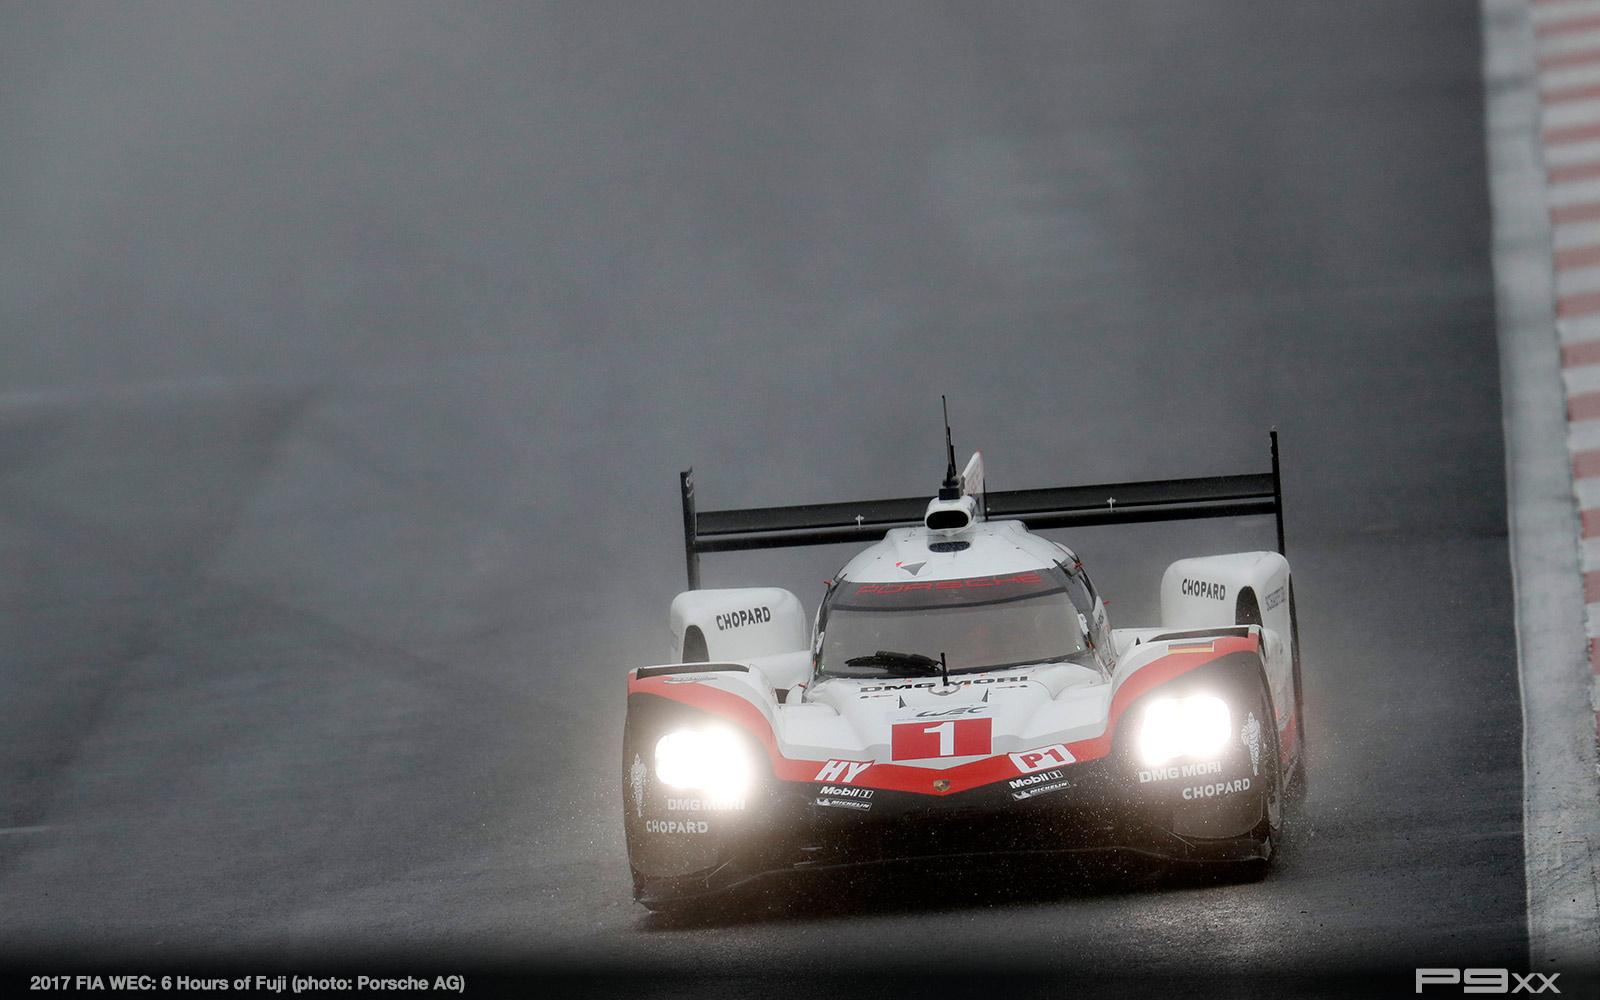 2017-FIA-WEC-6h-of-Fuji-Porsche-400